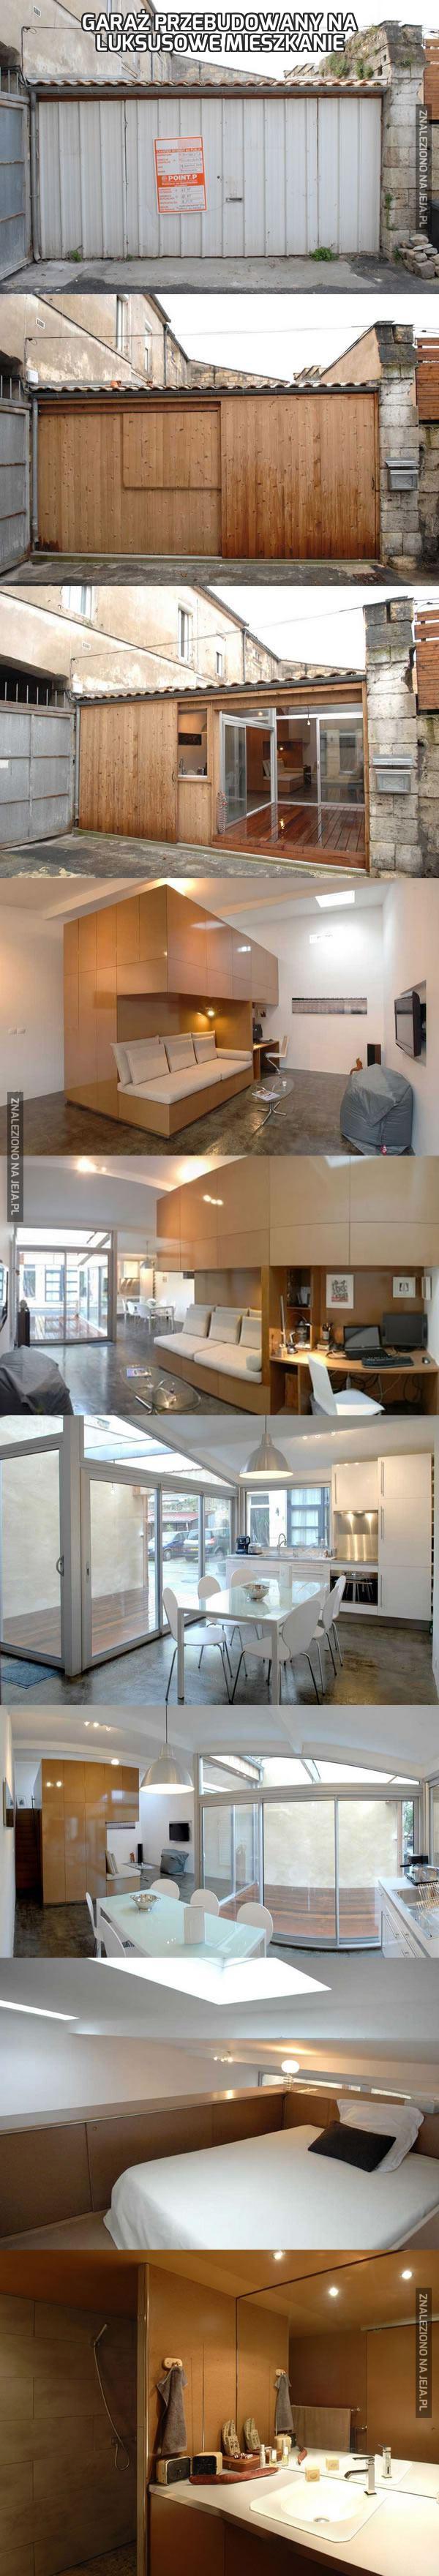 Garaż przebudowany na luksusowe mieszkanie